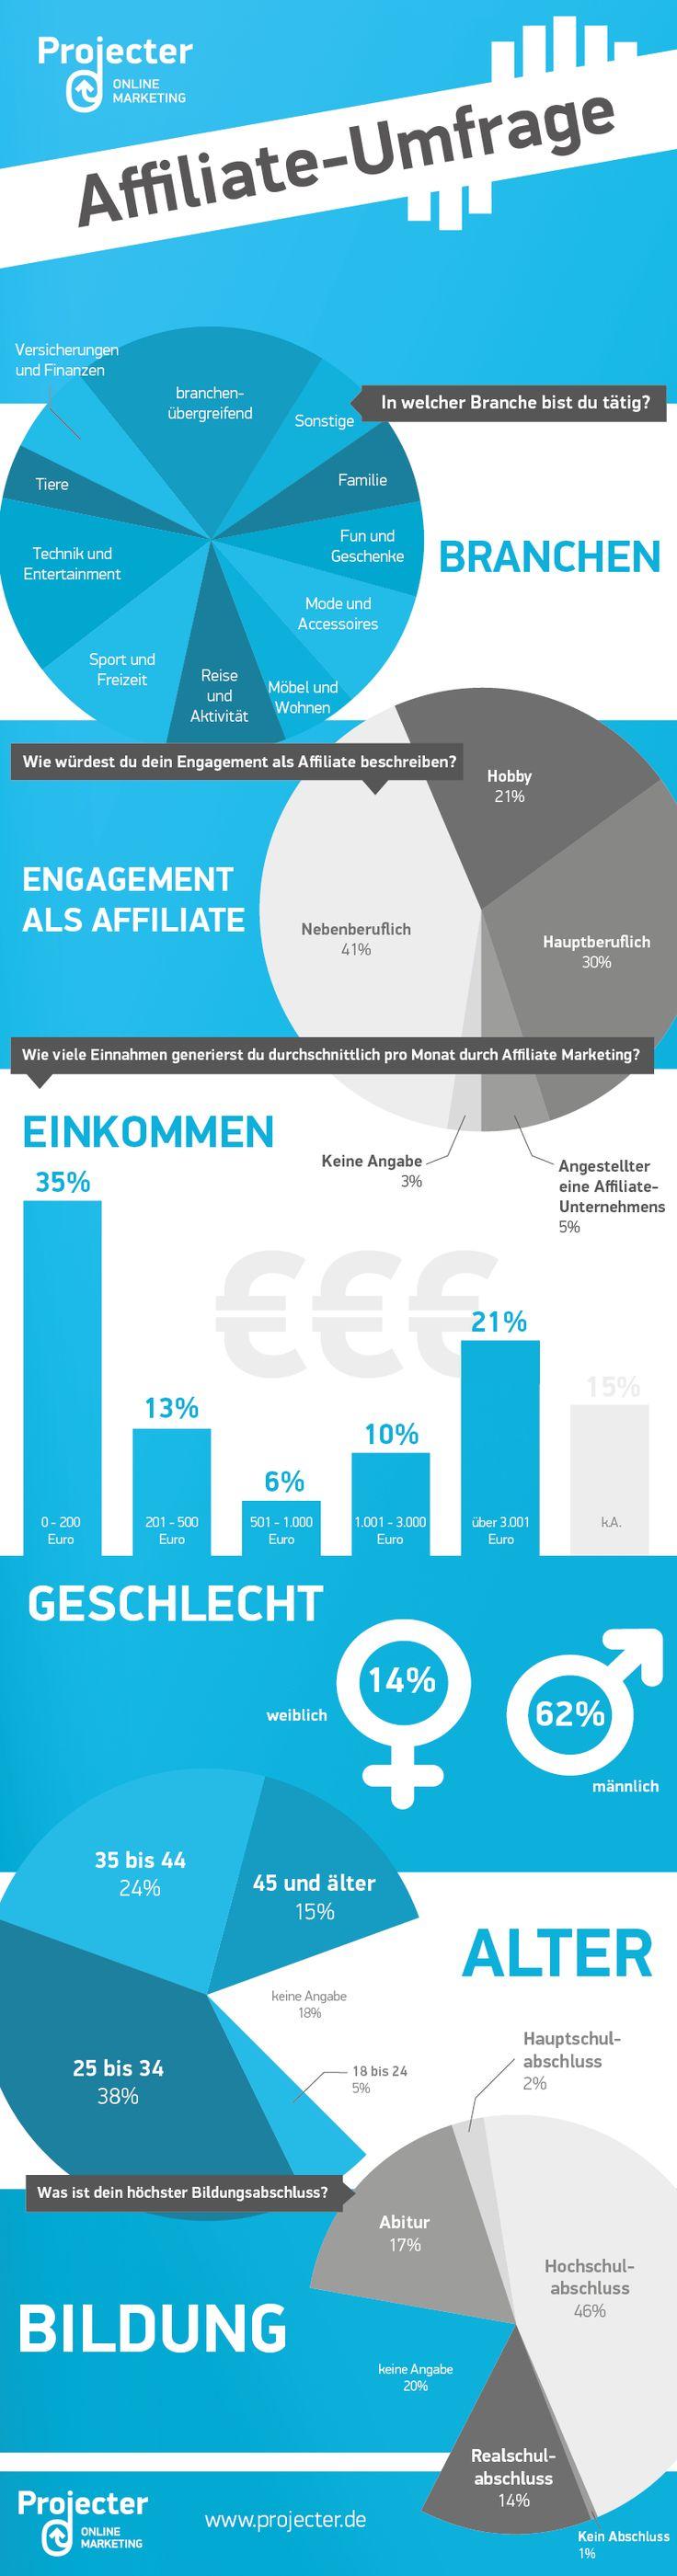 Mehr als 3.000 Euro sind drin: Das verdient man mit Affiliate-Marketing in Deutschland